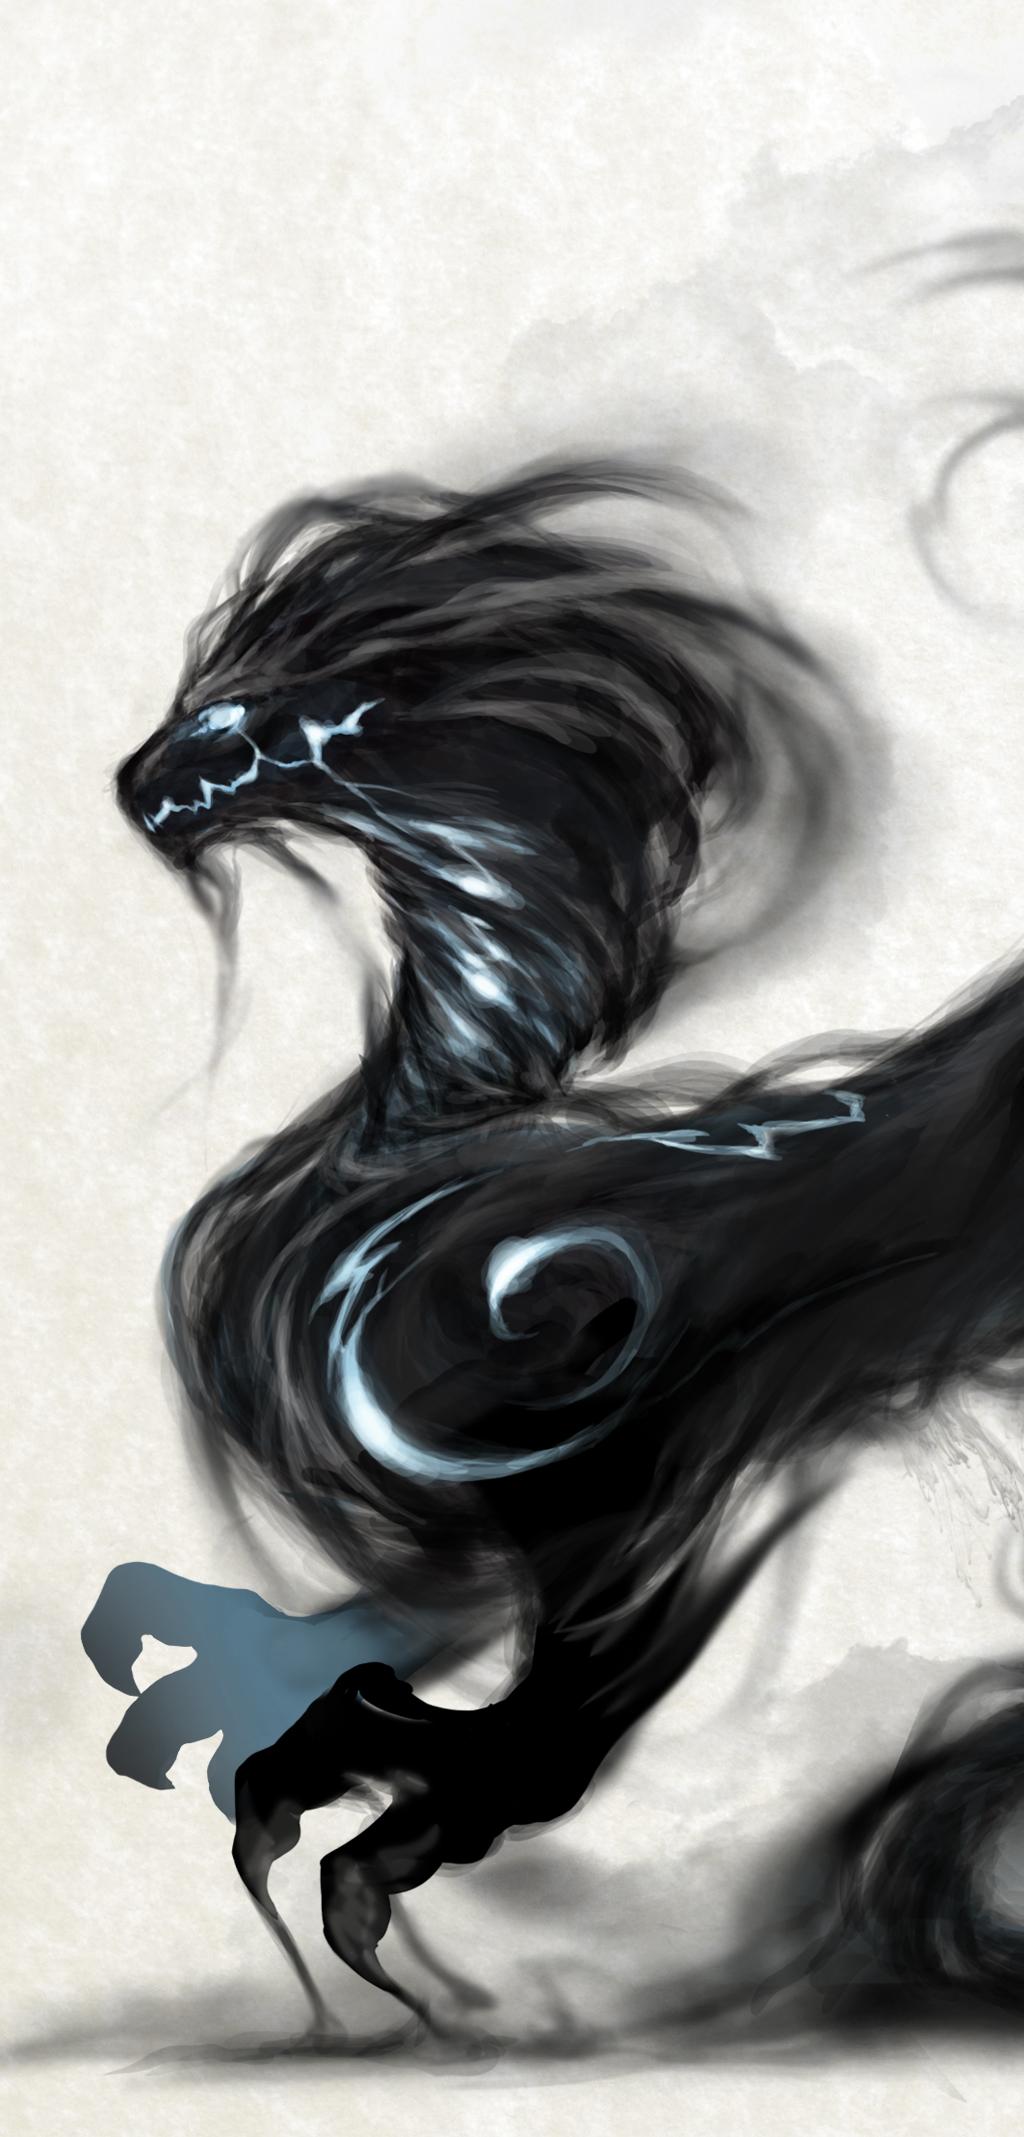 Illustrazione digitale, artwork, per libri e giochi di ruolo, progettazione personaggi fantastici - Smoke Dragon